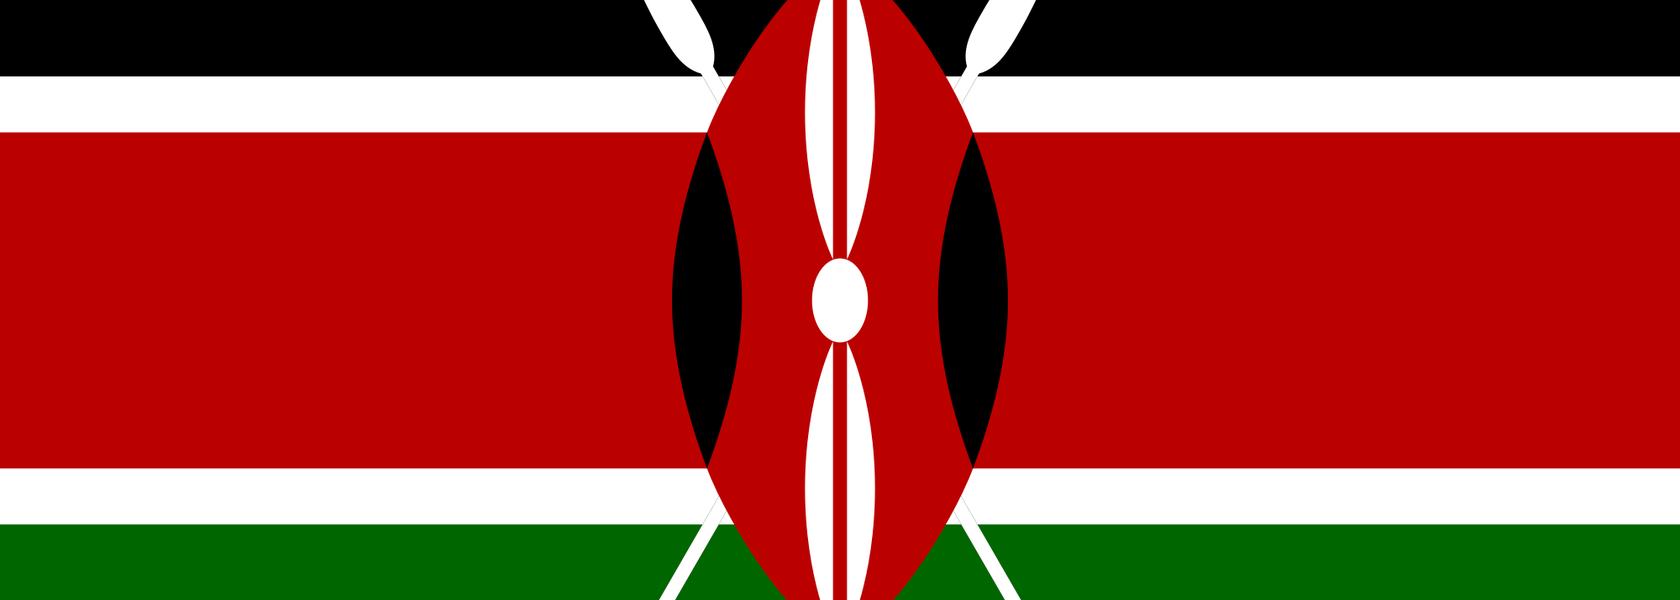 Visum Kenia - Tips voor het aanvragen van een visum